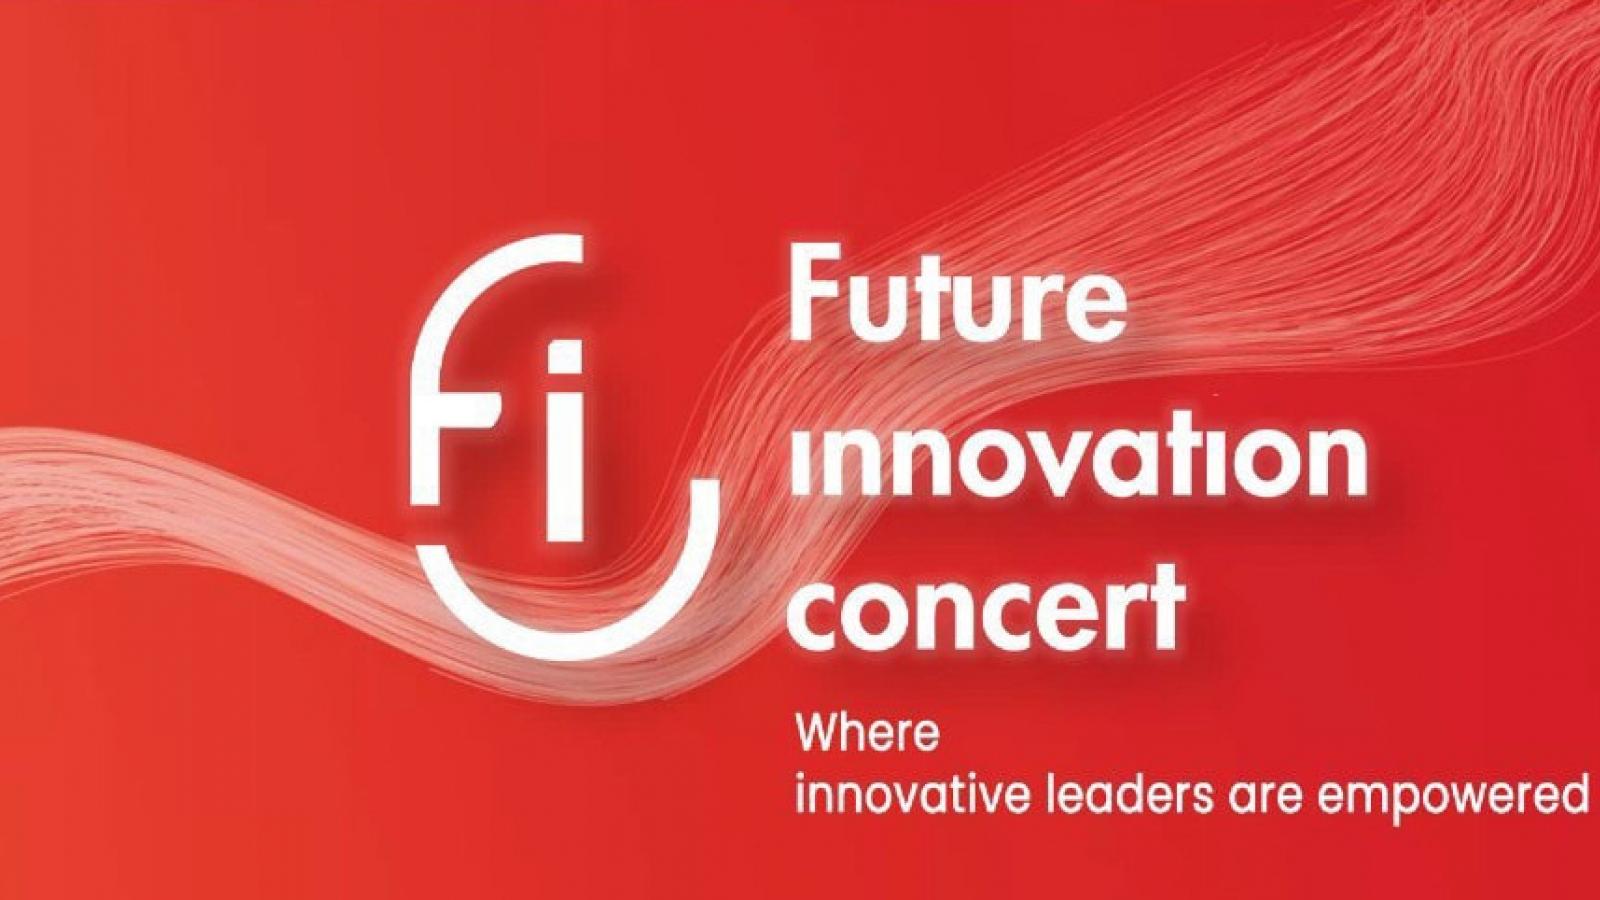 """Hoà nhạc """"Sáng tạo tương lai"""" đưa âm nhạc giao hưởng đến gần với sinh viên"""